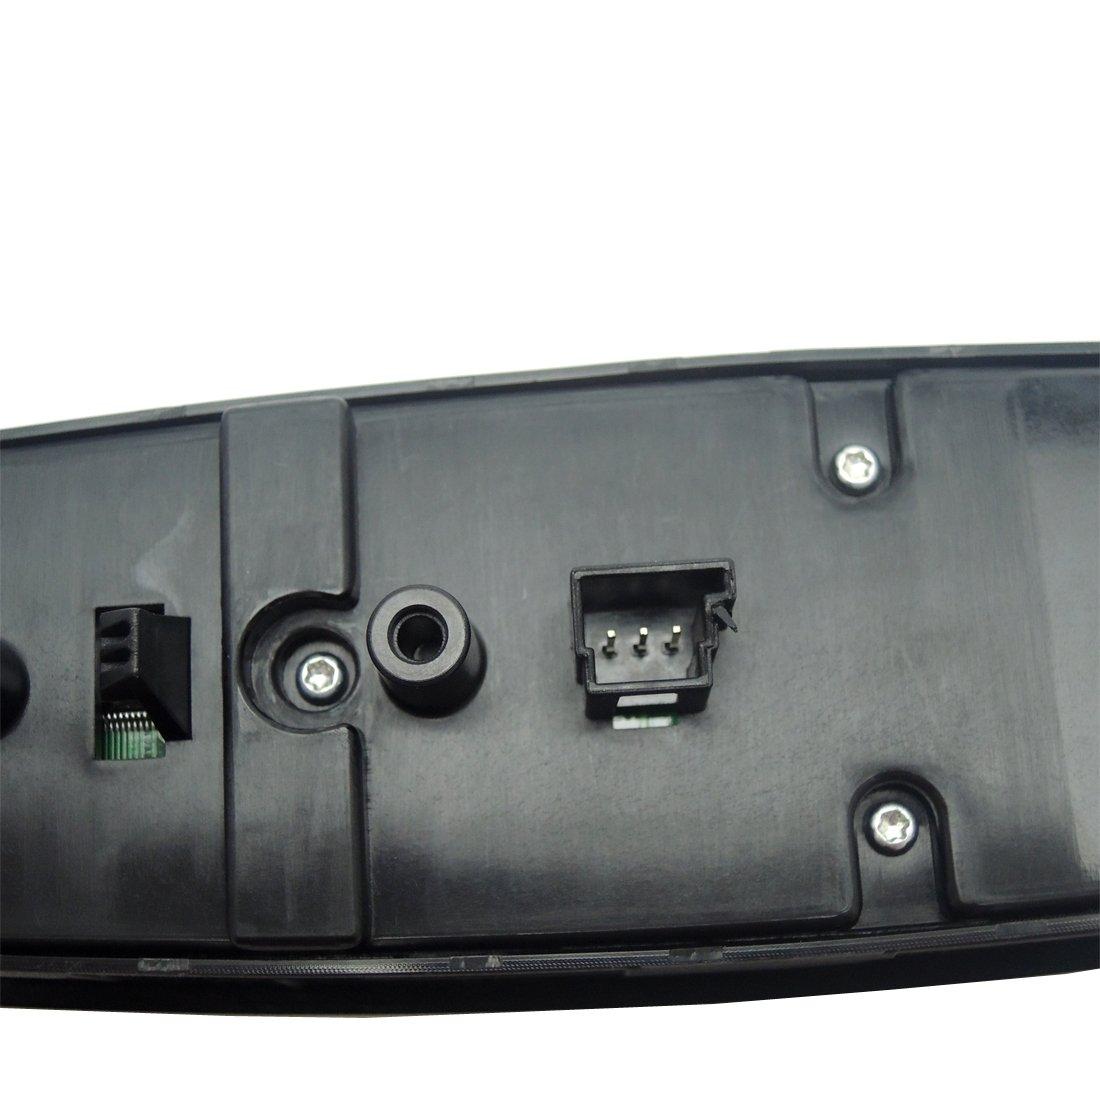 Contr/ôle Ma/ître de la Fen/être pour 2006-2012 W169 A-Klasse W245 B-Klasse Miroir Ajuster et Commande Principale de Serrure de Porte 1698206710